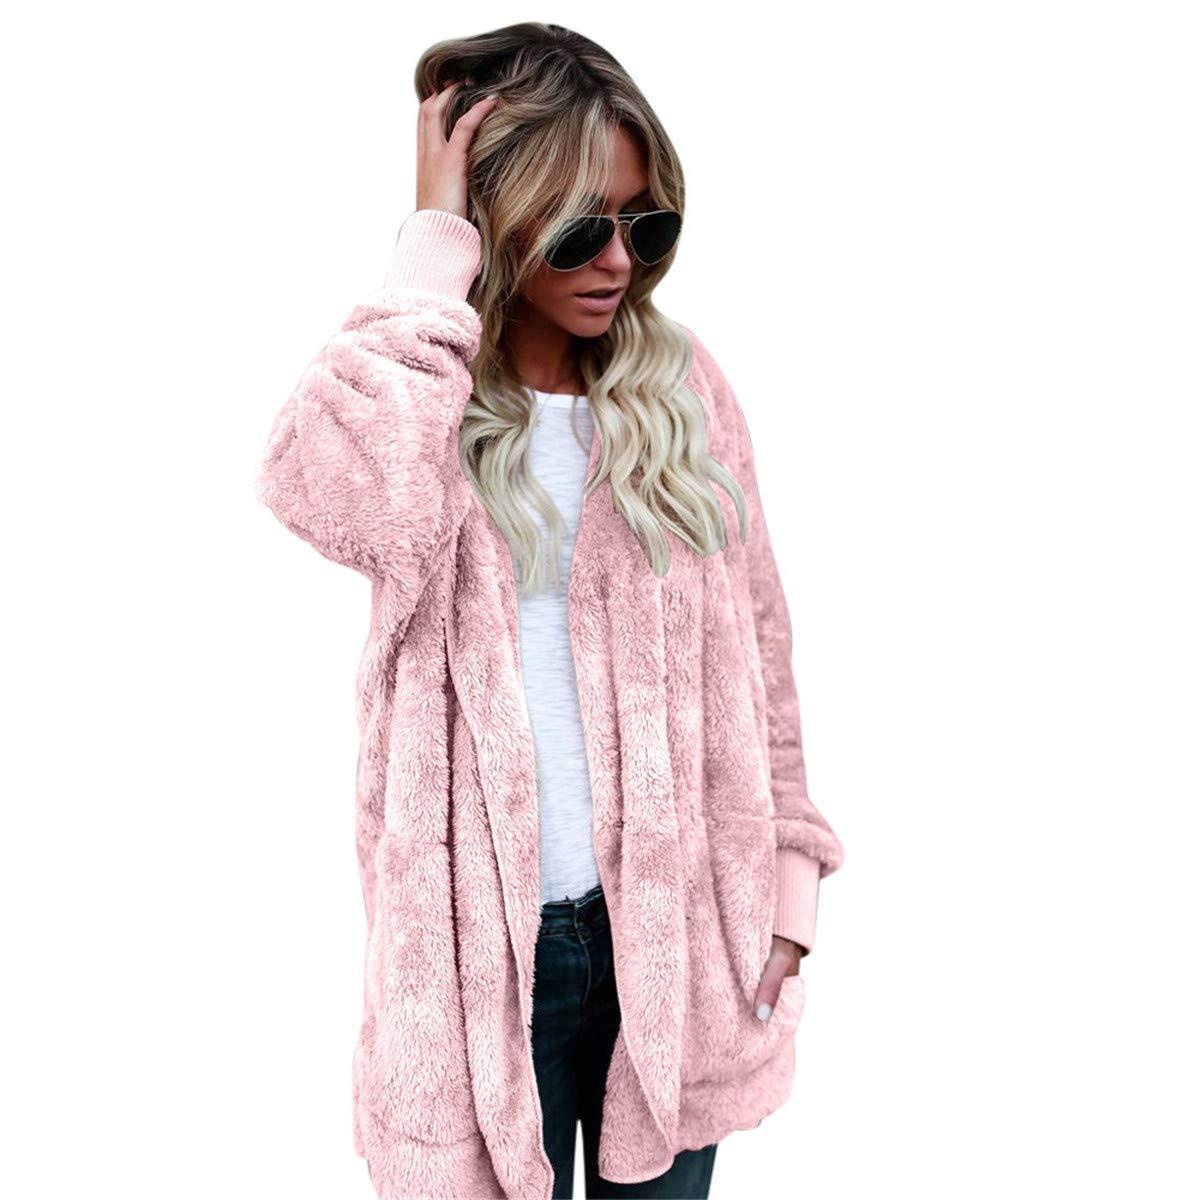 KESEE SHIRT レディース B07H76H81J Pink 41 X-Large X-Large|Pink 41